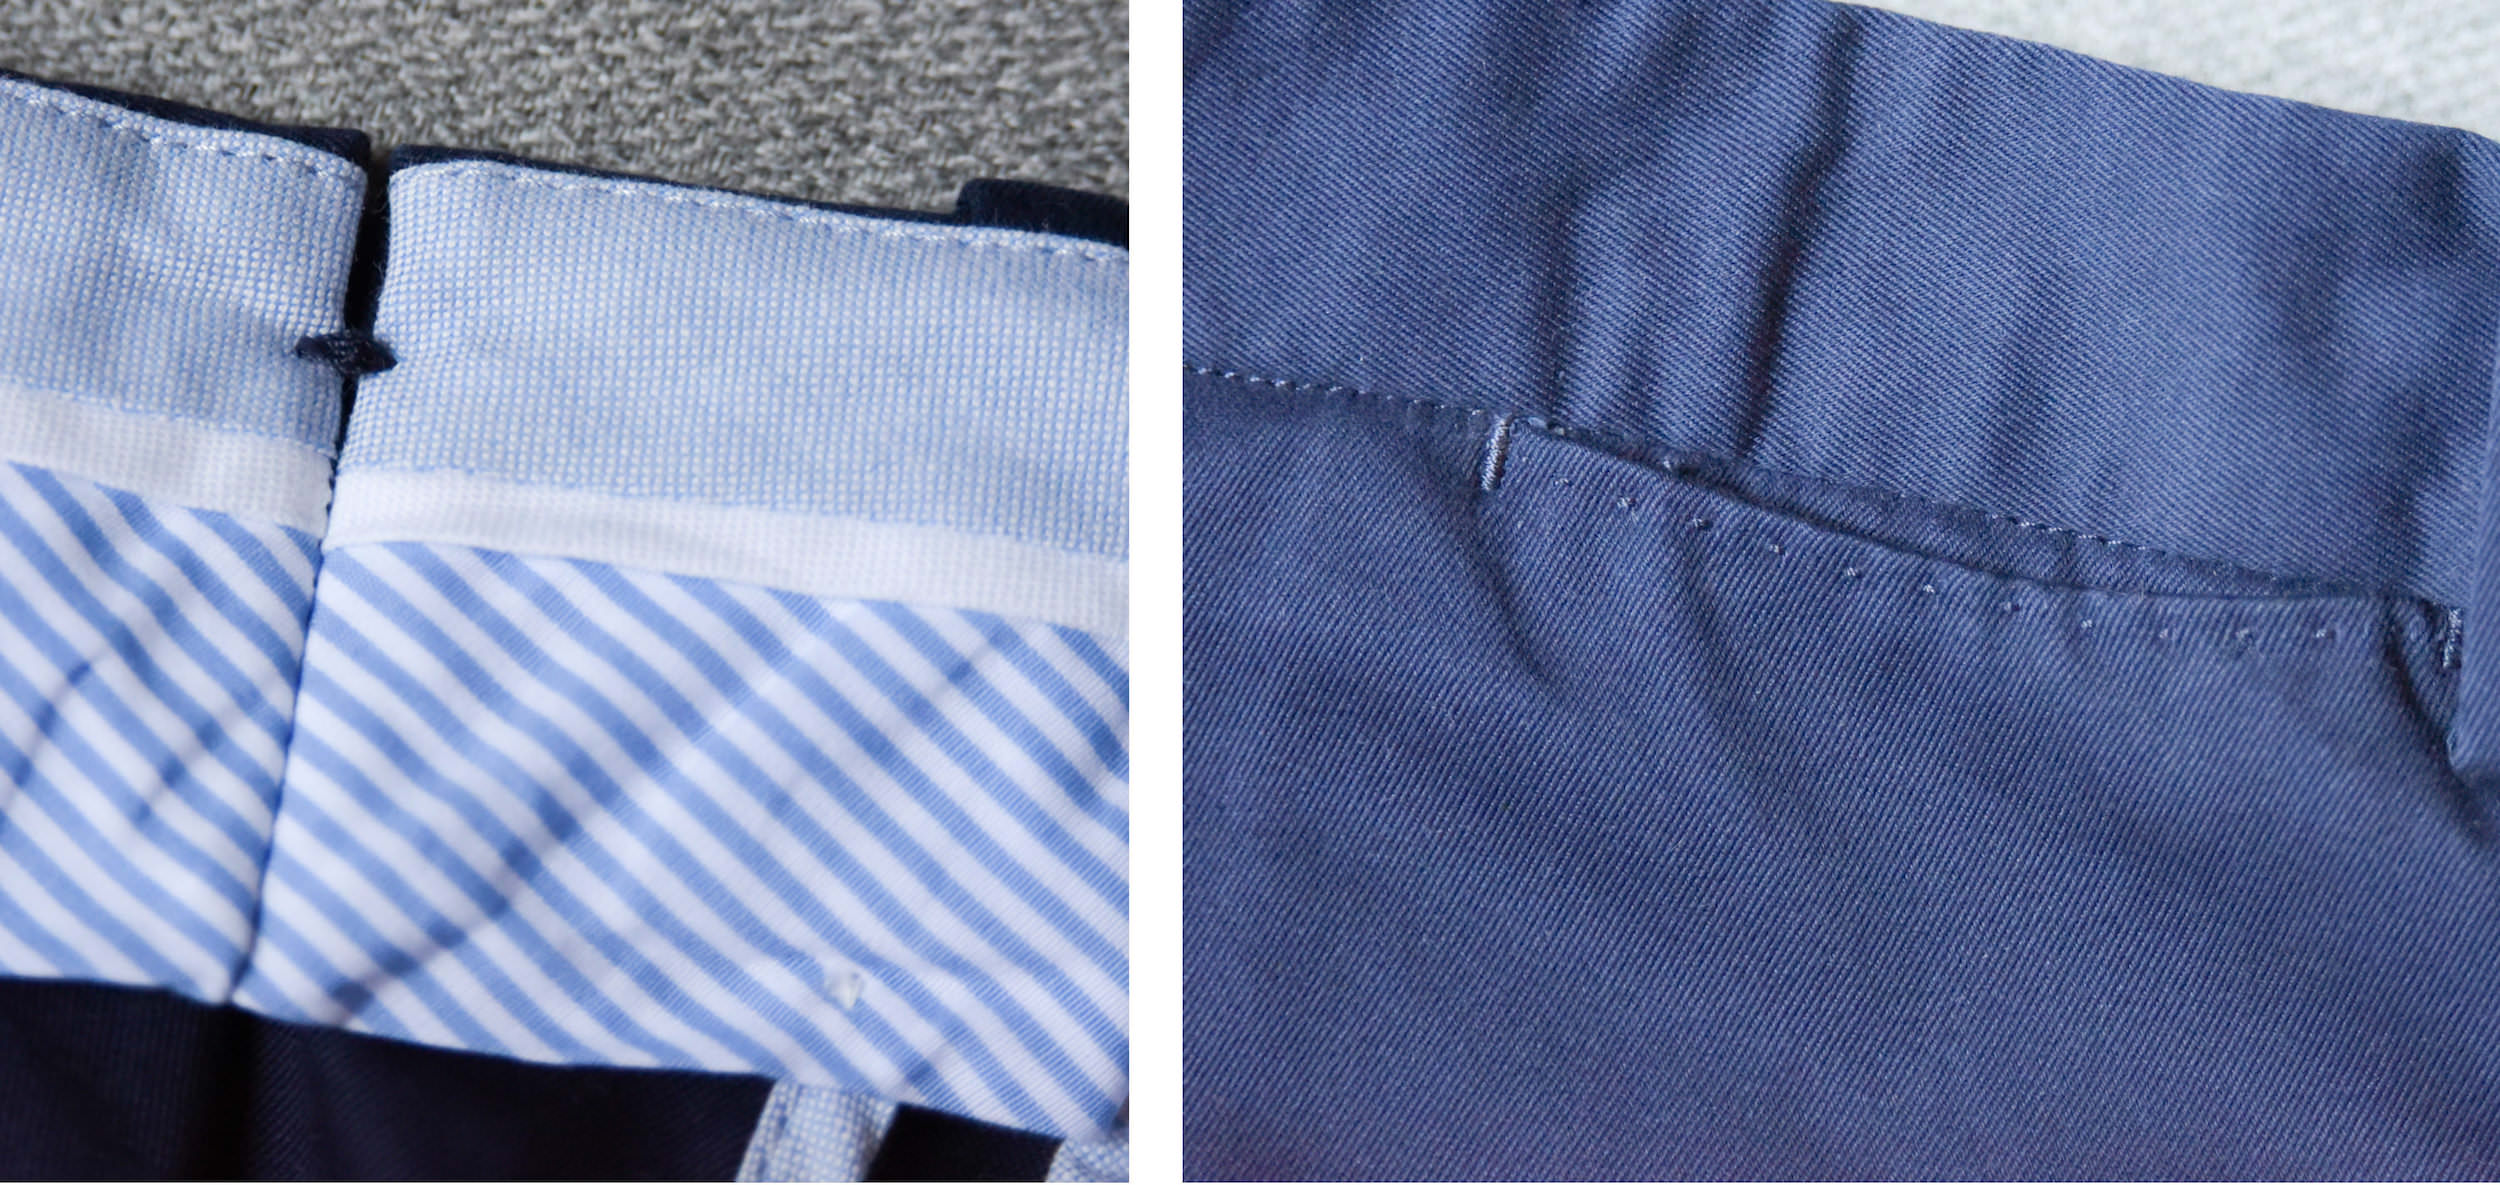 pantalon homme details couture